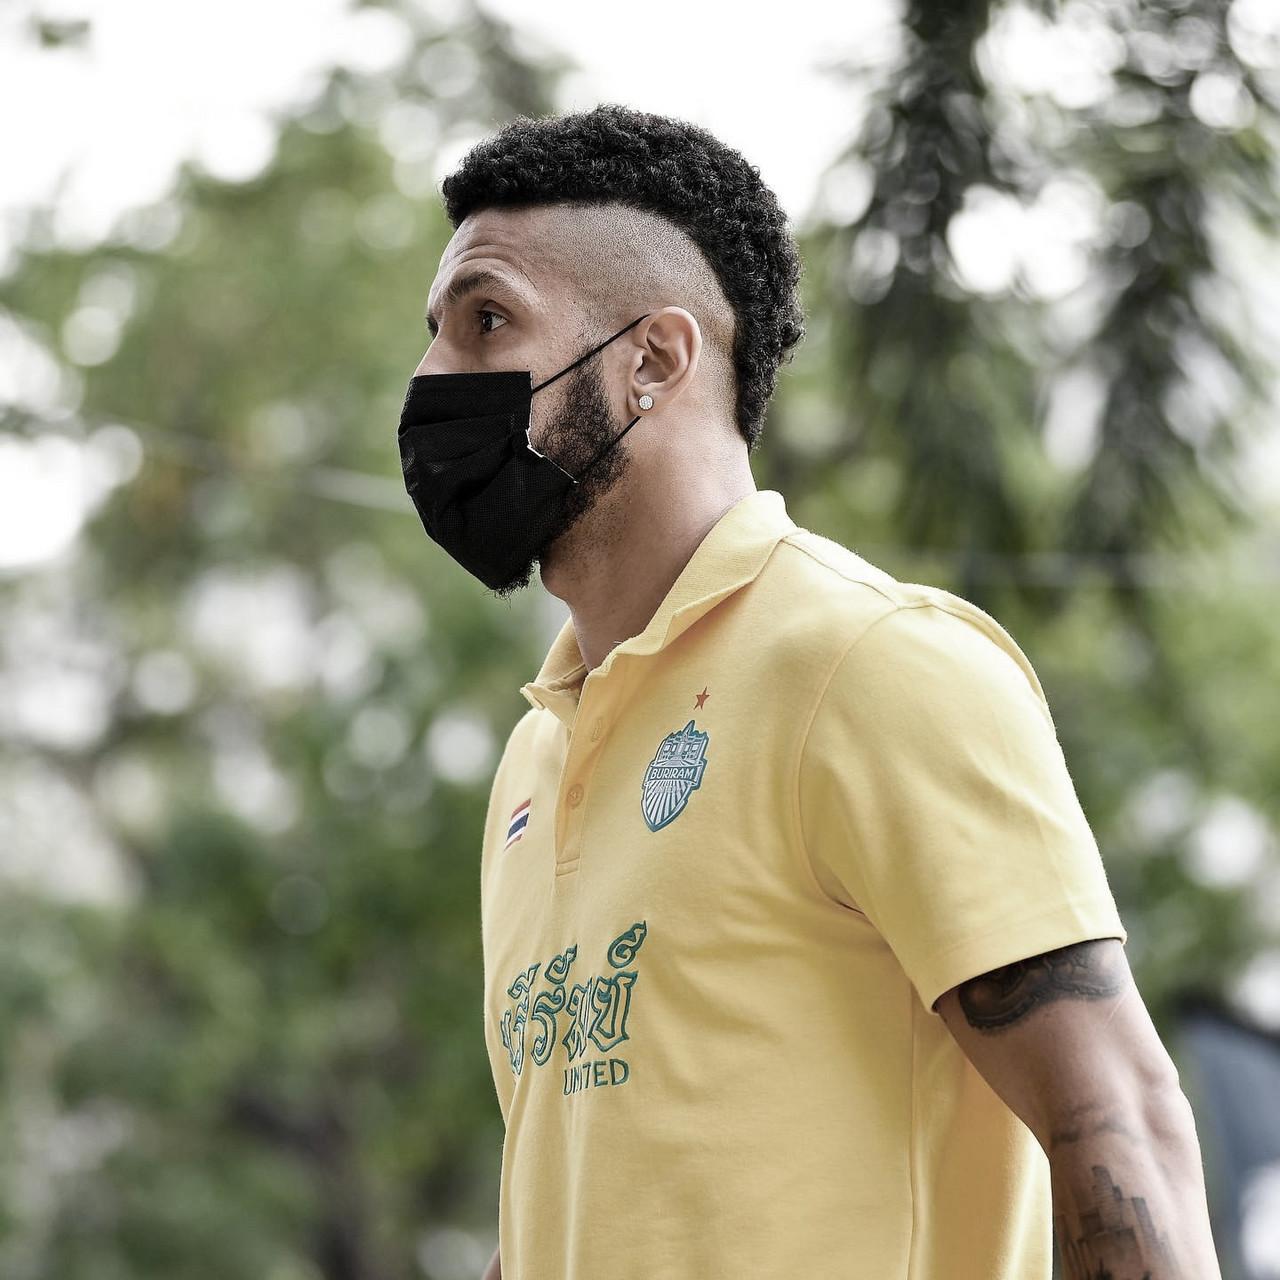 Samuel avalia titularidade no Buriram United e projeta temporada vitoriosa